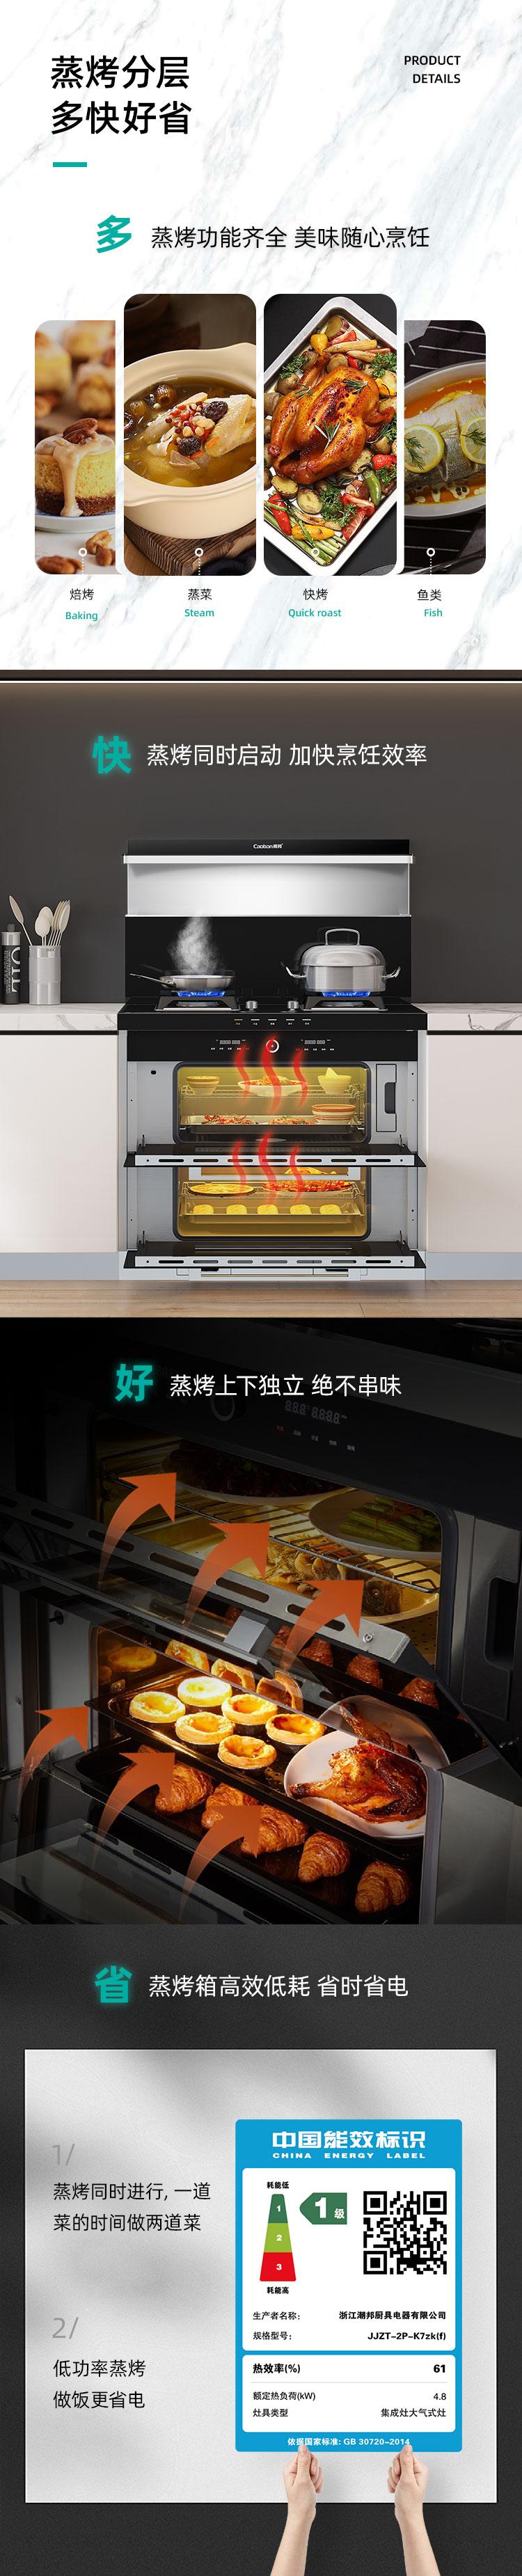 3.蒸烤一体_看图王